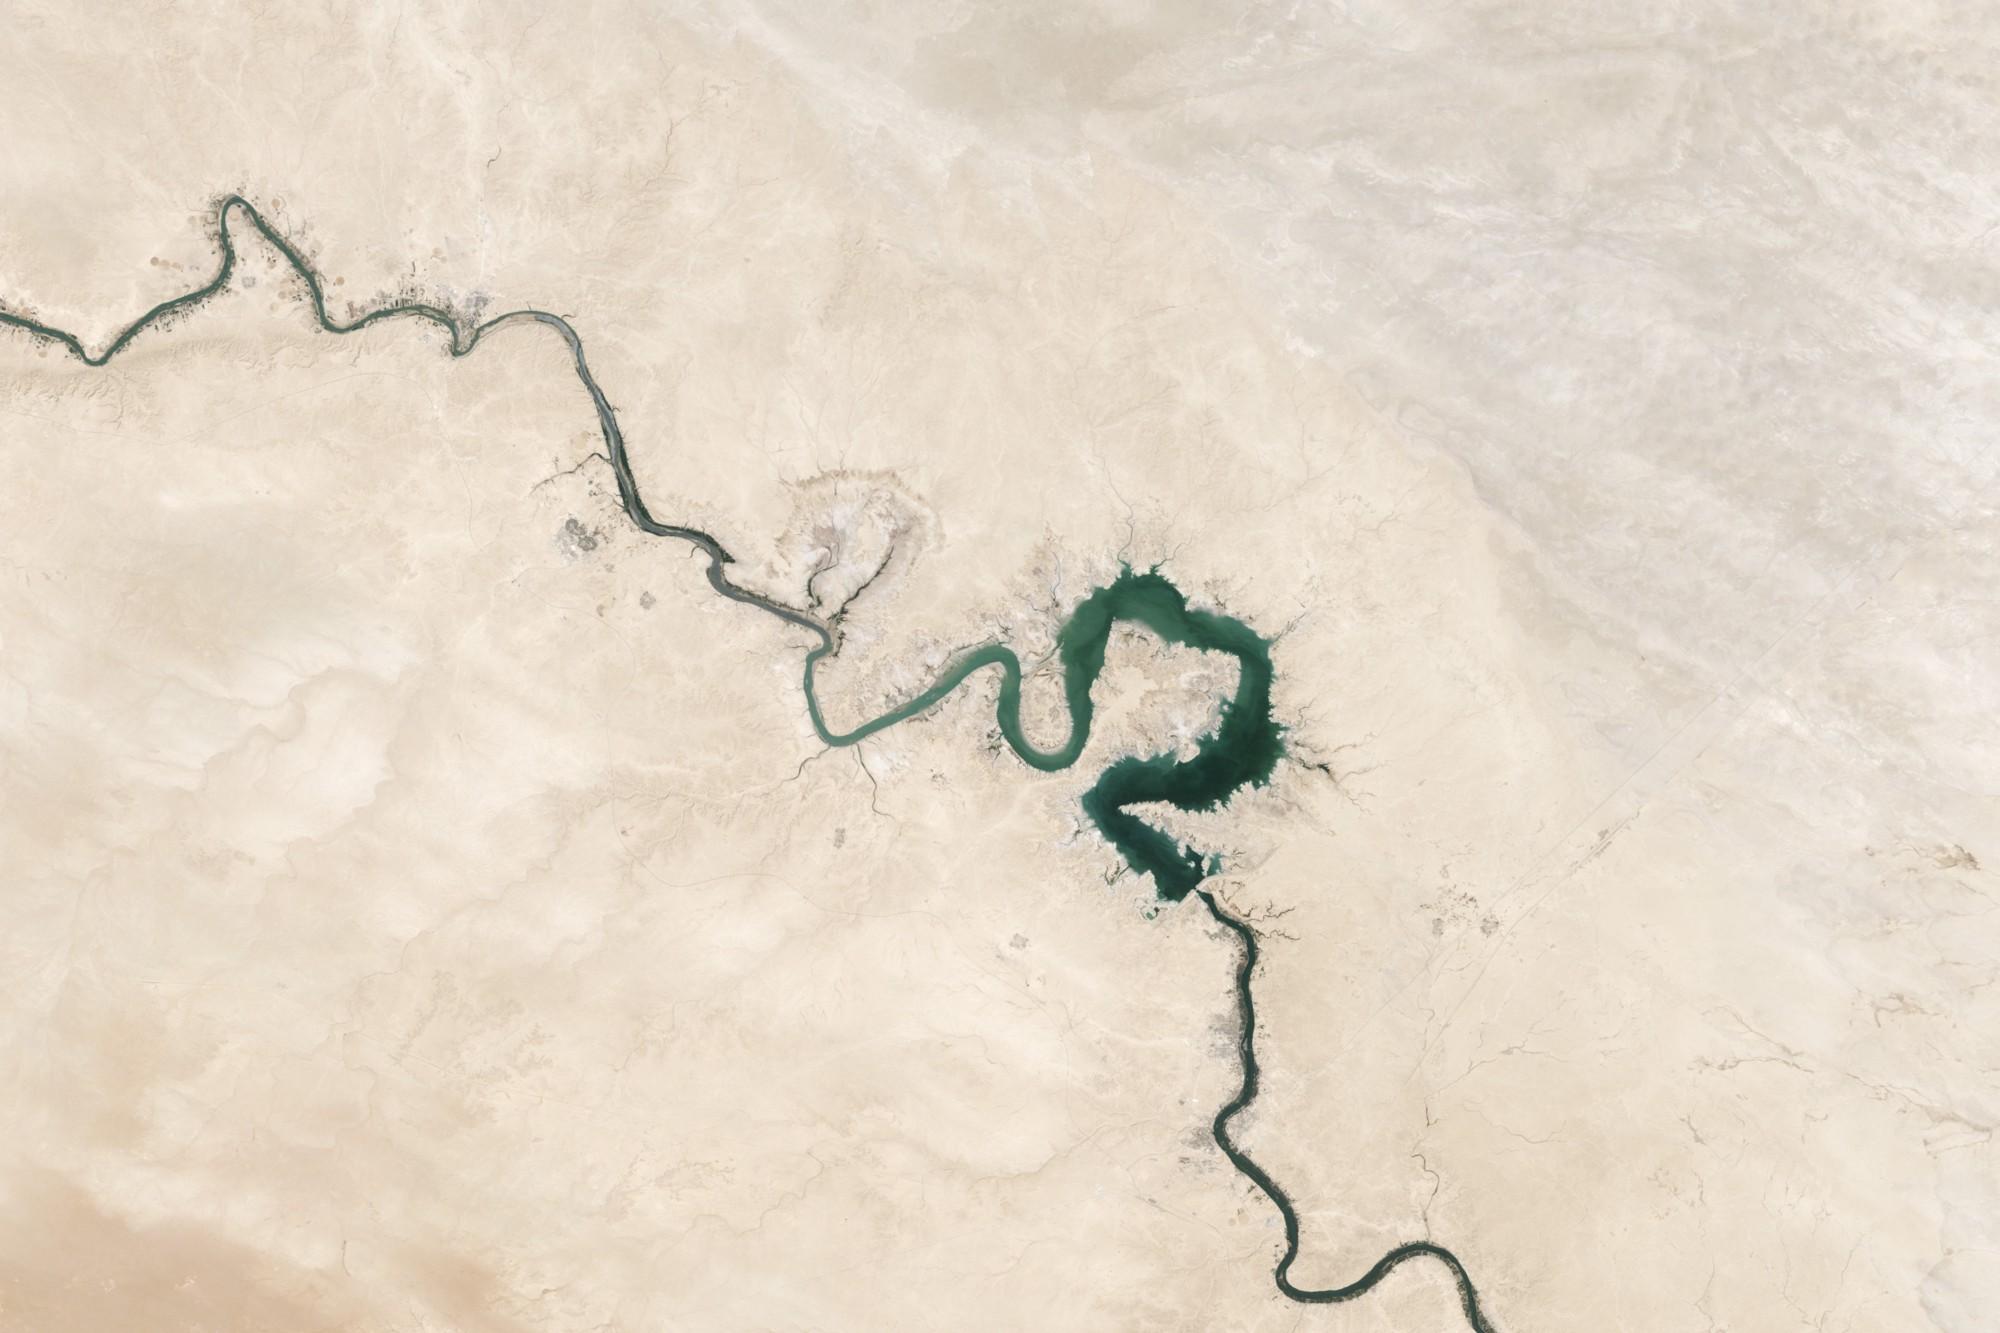 Imagem de um rio formando um caminho, Photo by NASA on Unsplash